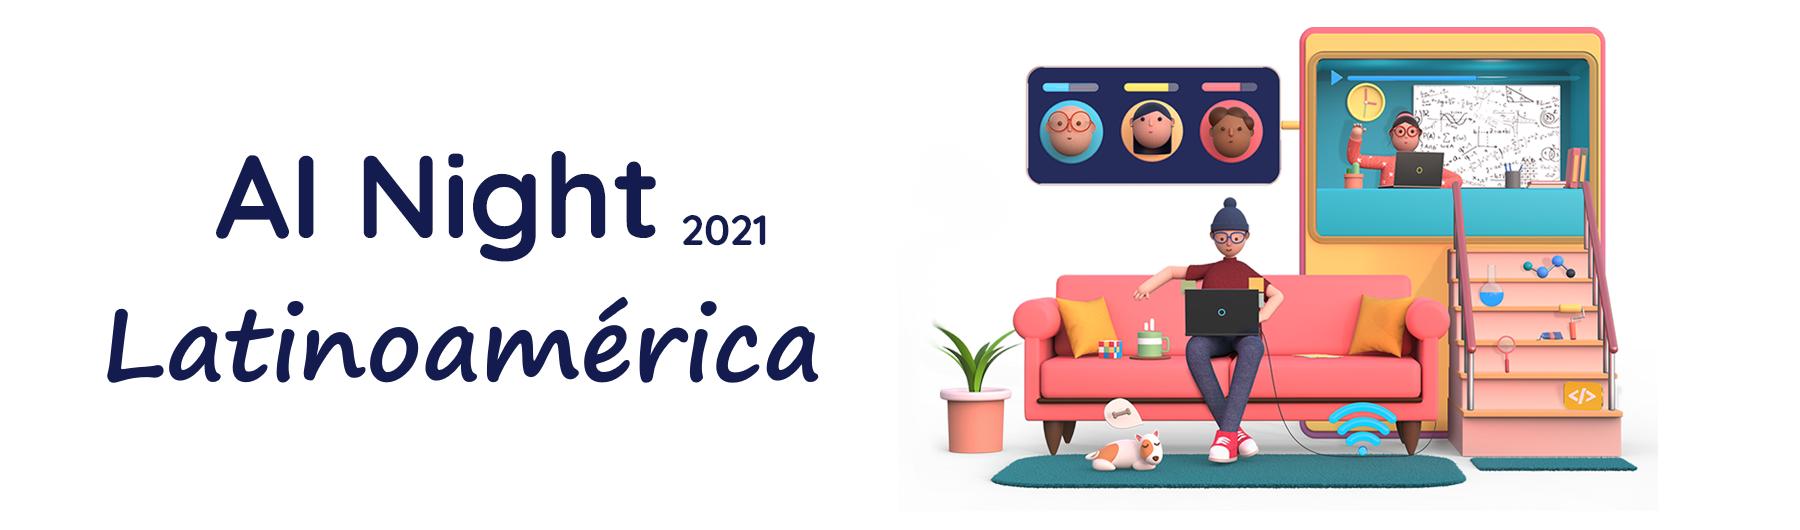 Global AI Night Latinoamérica 2021